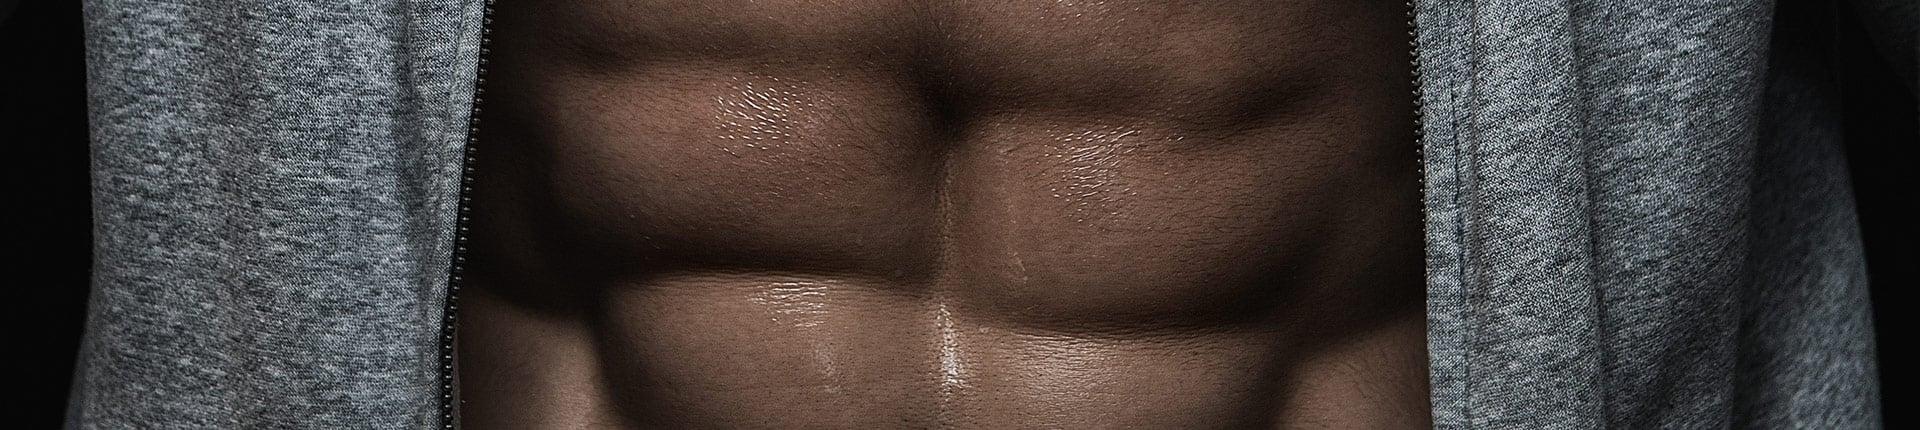 Ćwiczenia na brzuch w domu - trening mięsni brzucha bez sprzętu